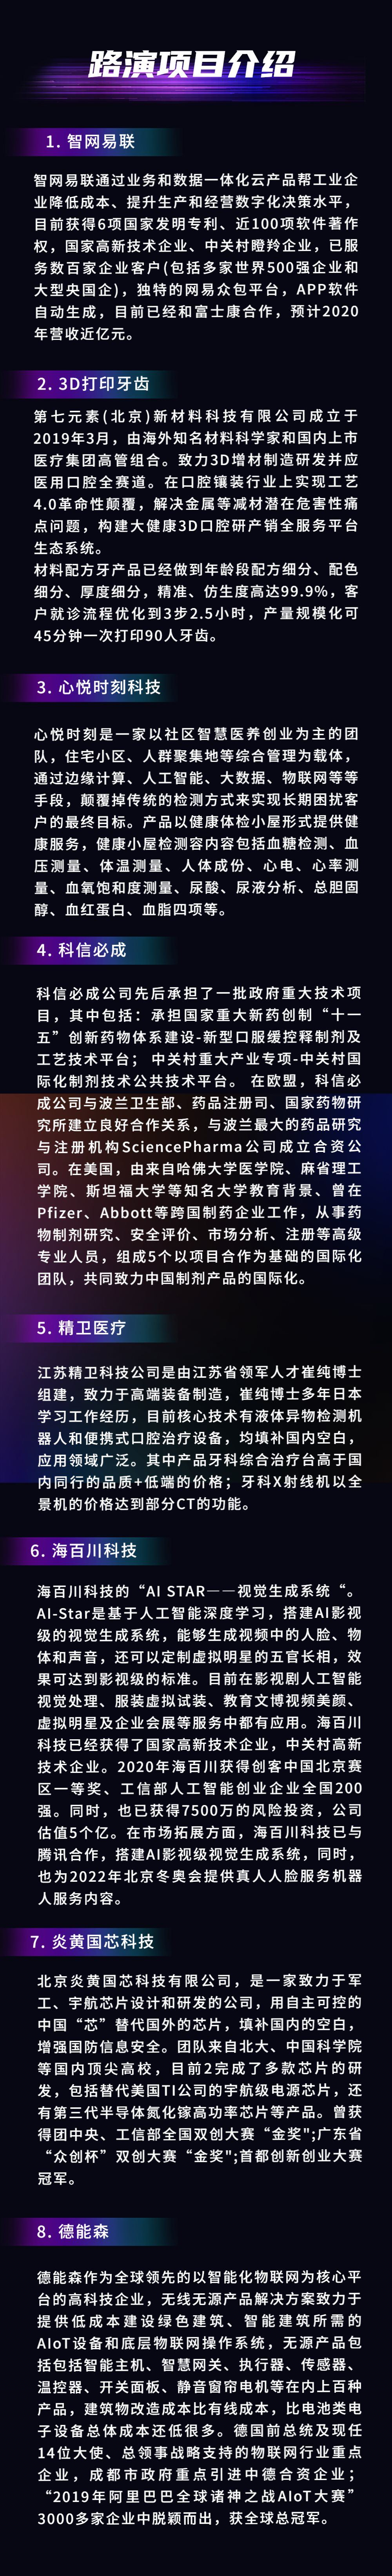 副本_邀请函科技时尚新品发布未来渐变-3.png